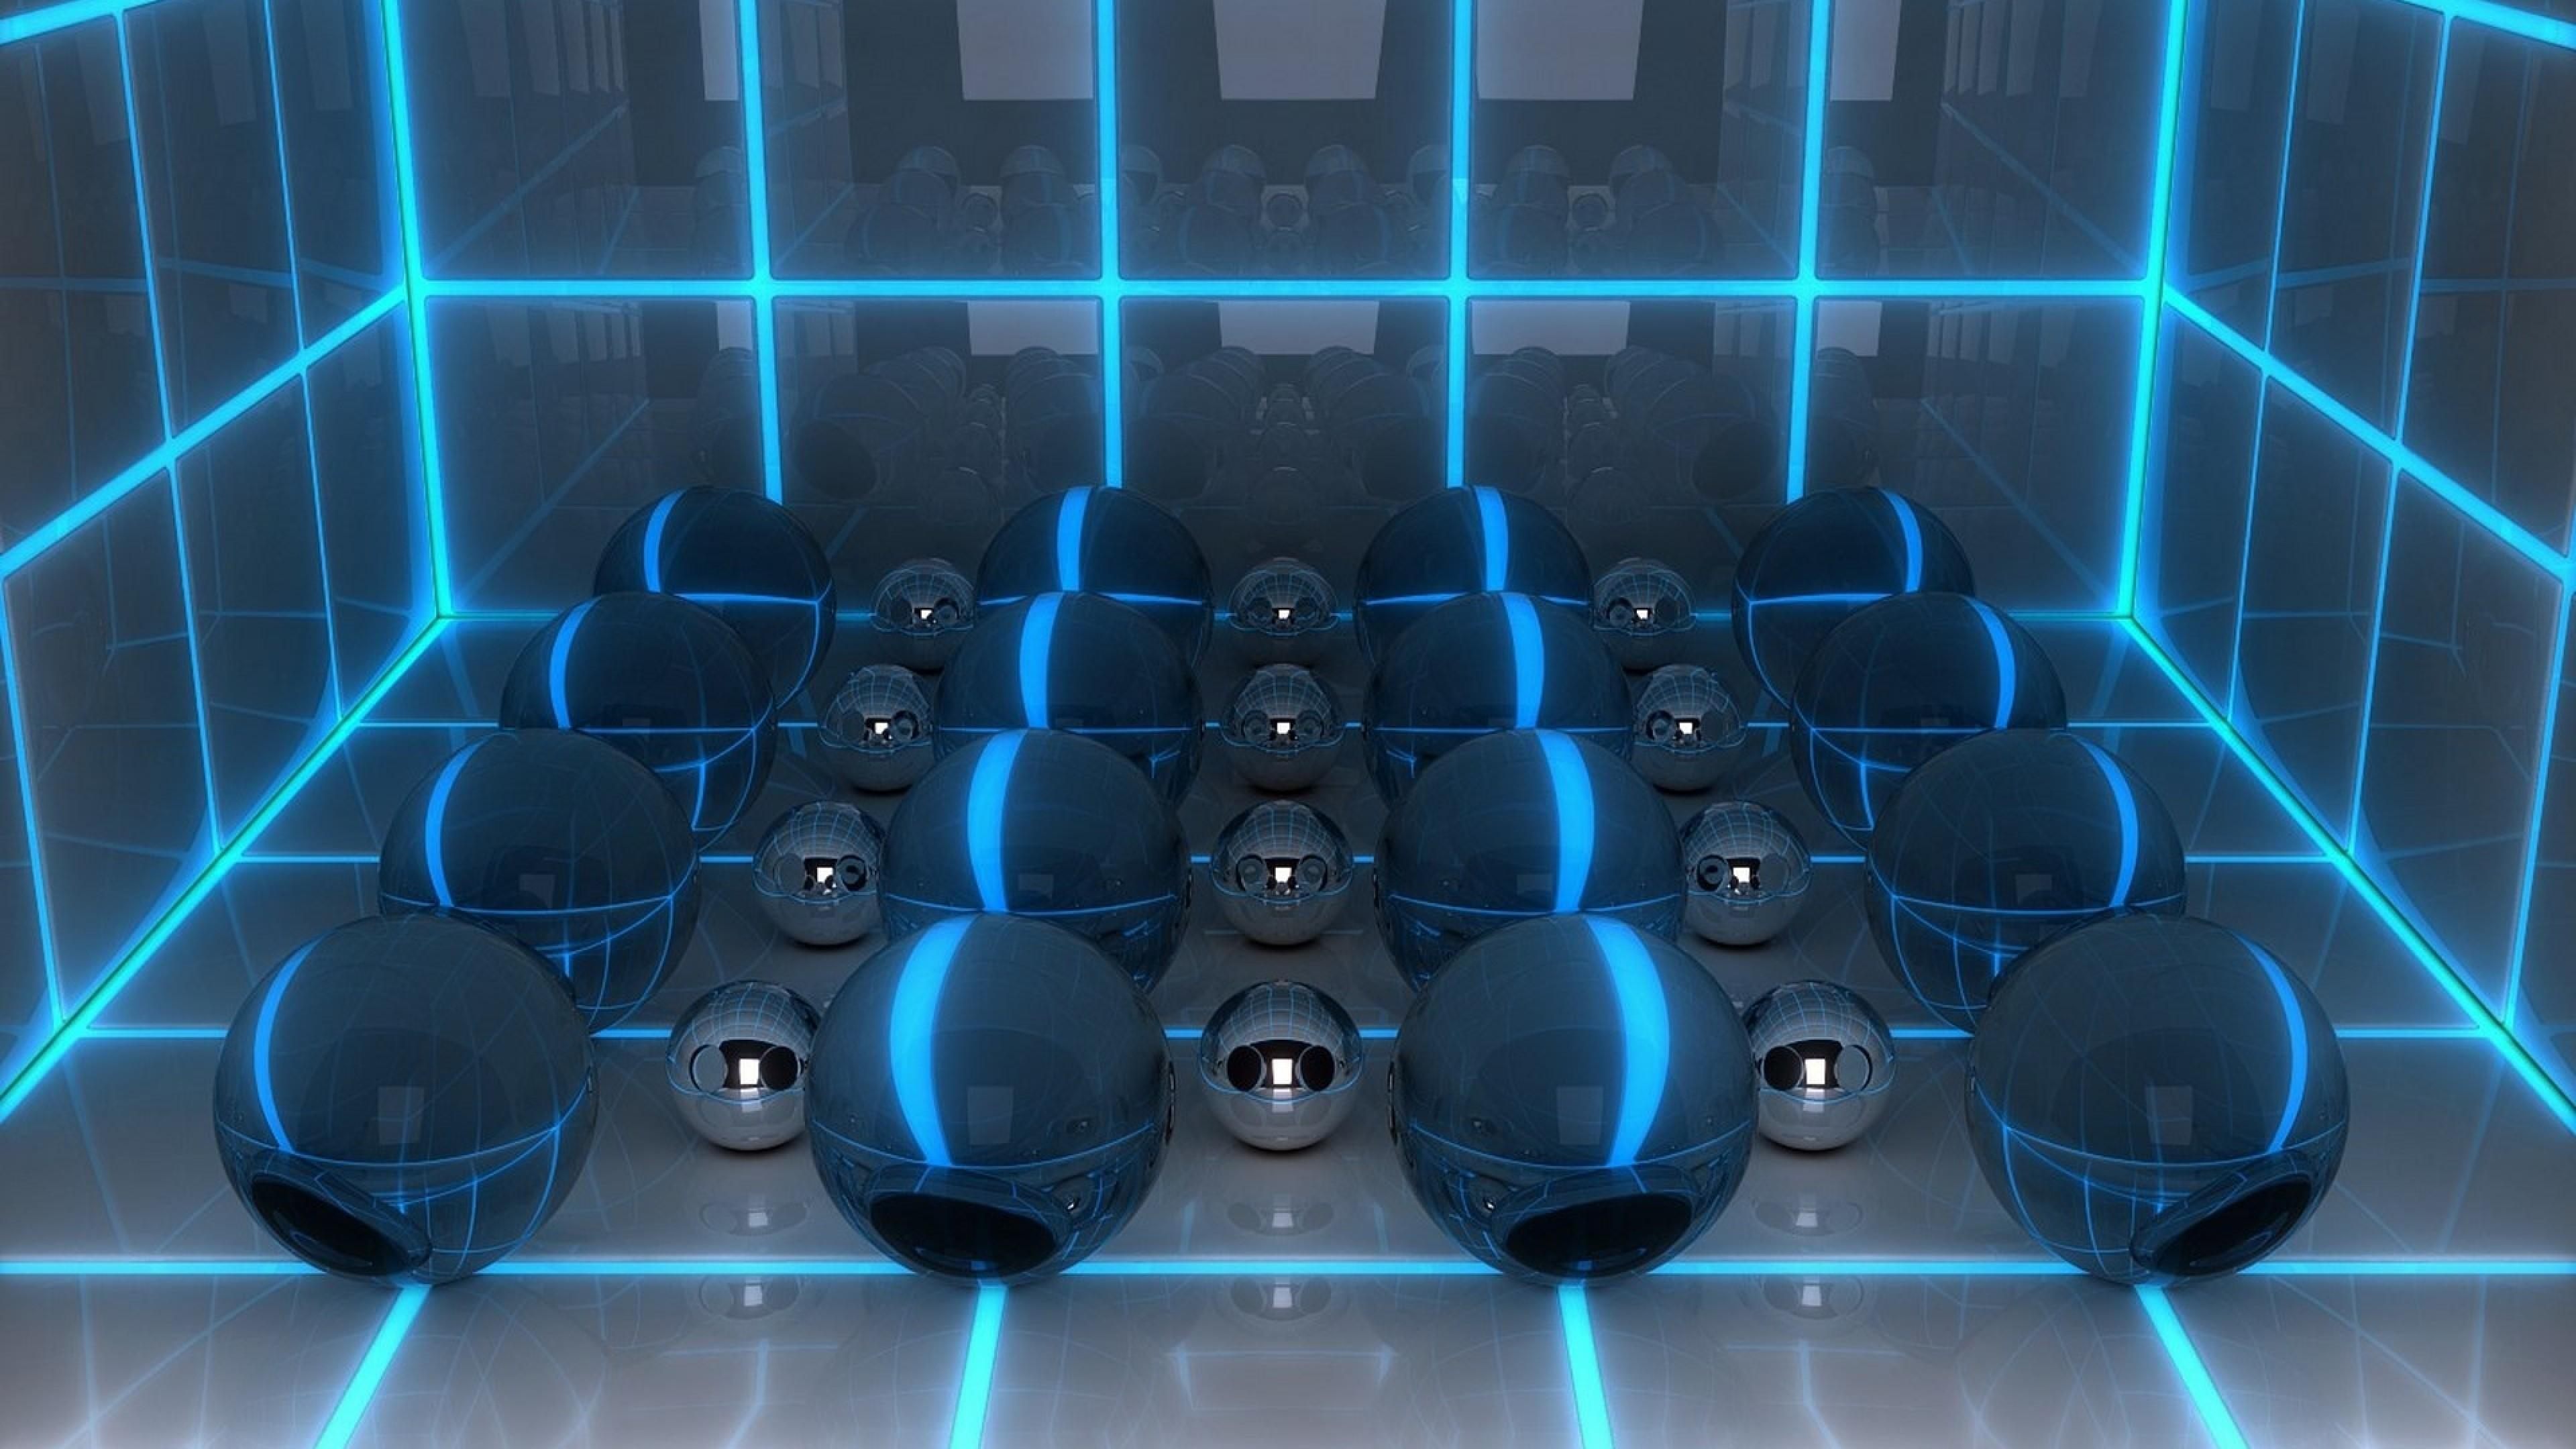 … Background 4K Ultra HD. Wallpaper digital art, 3d, balls, neon